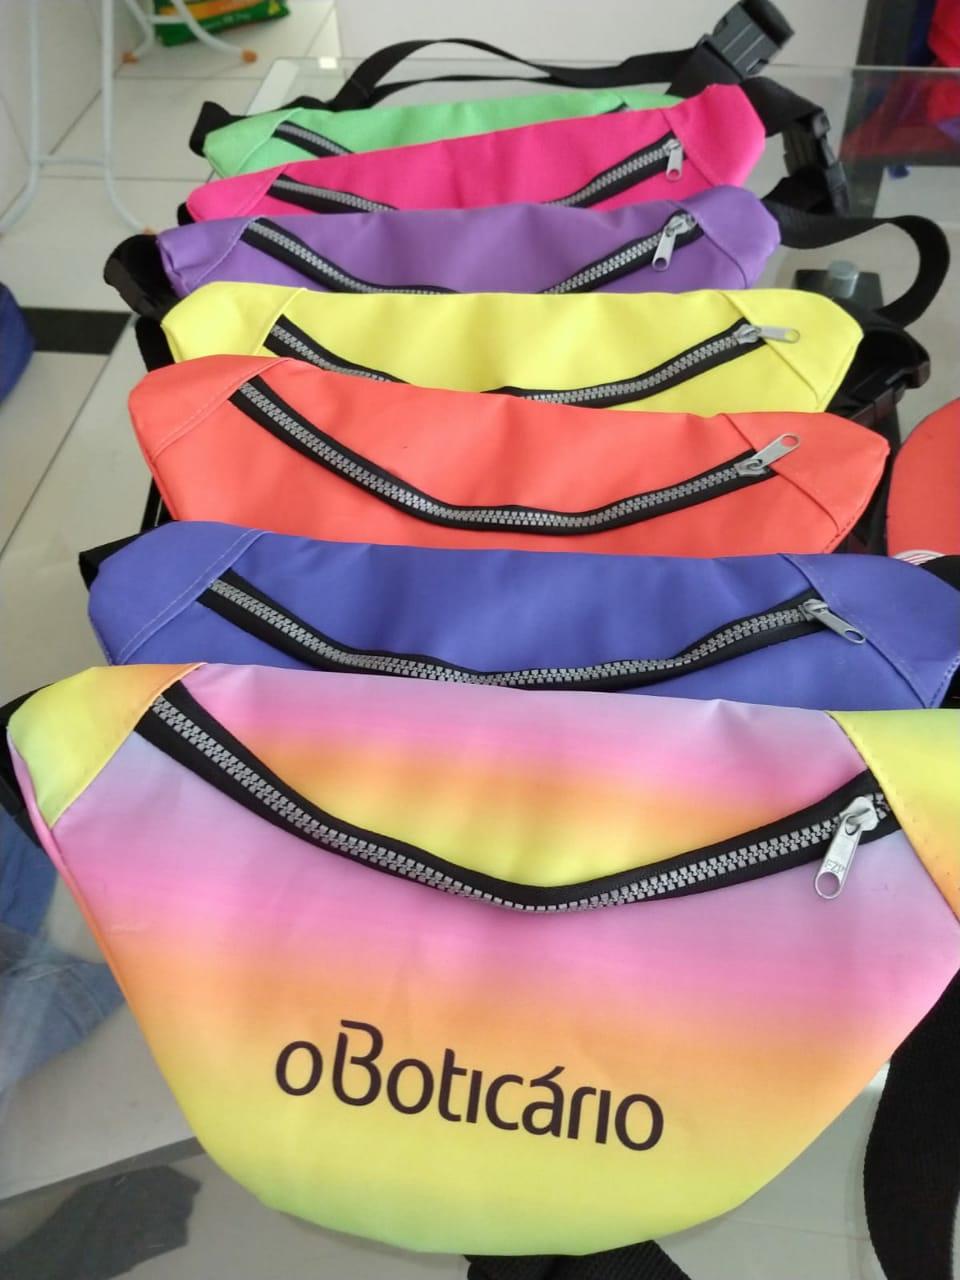 Quer ganhar uma pochete linda? Corre e segue o instagram @oboticarioapodi e concorra pra sair linda nesse carnaval.